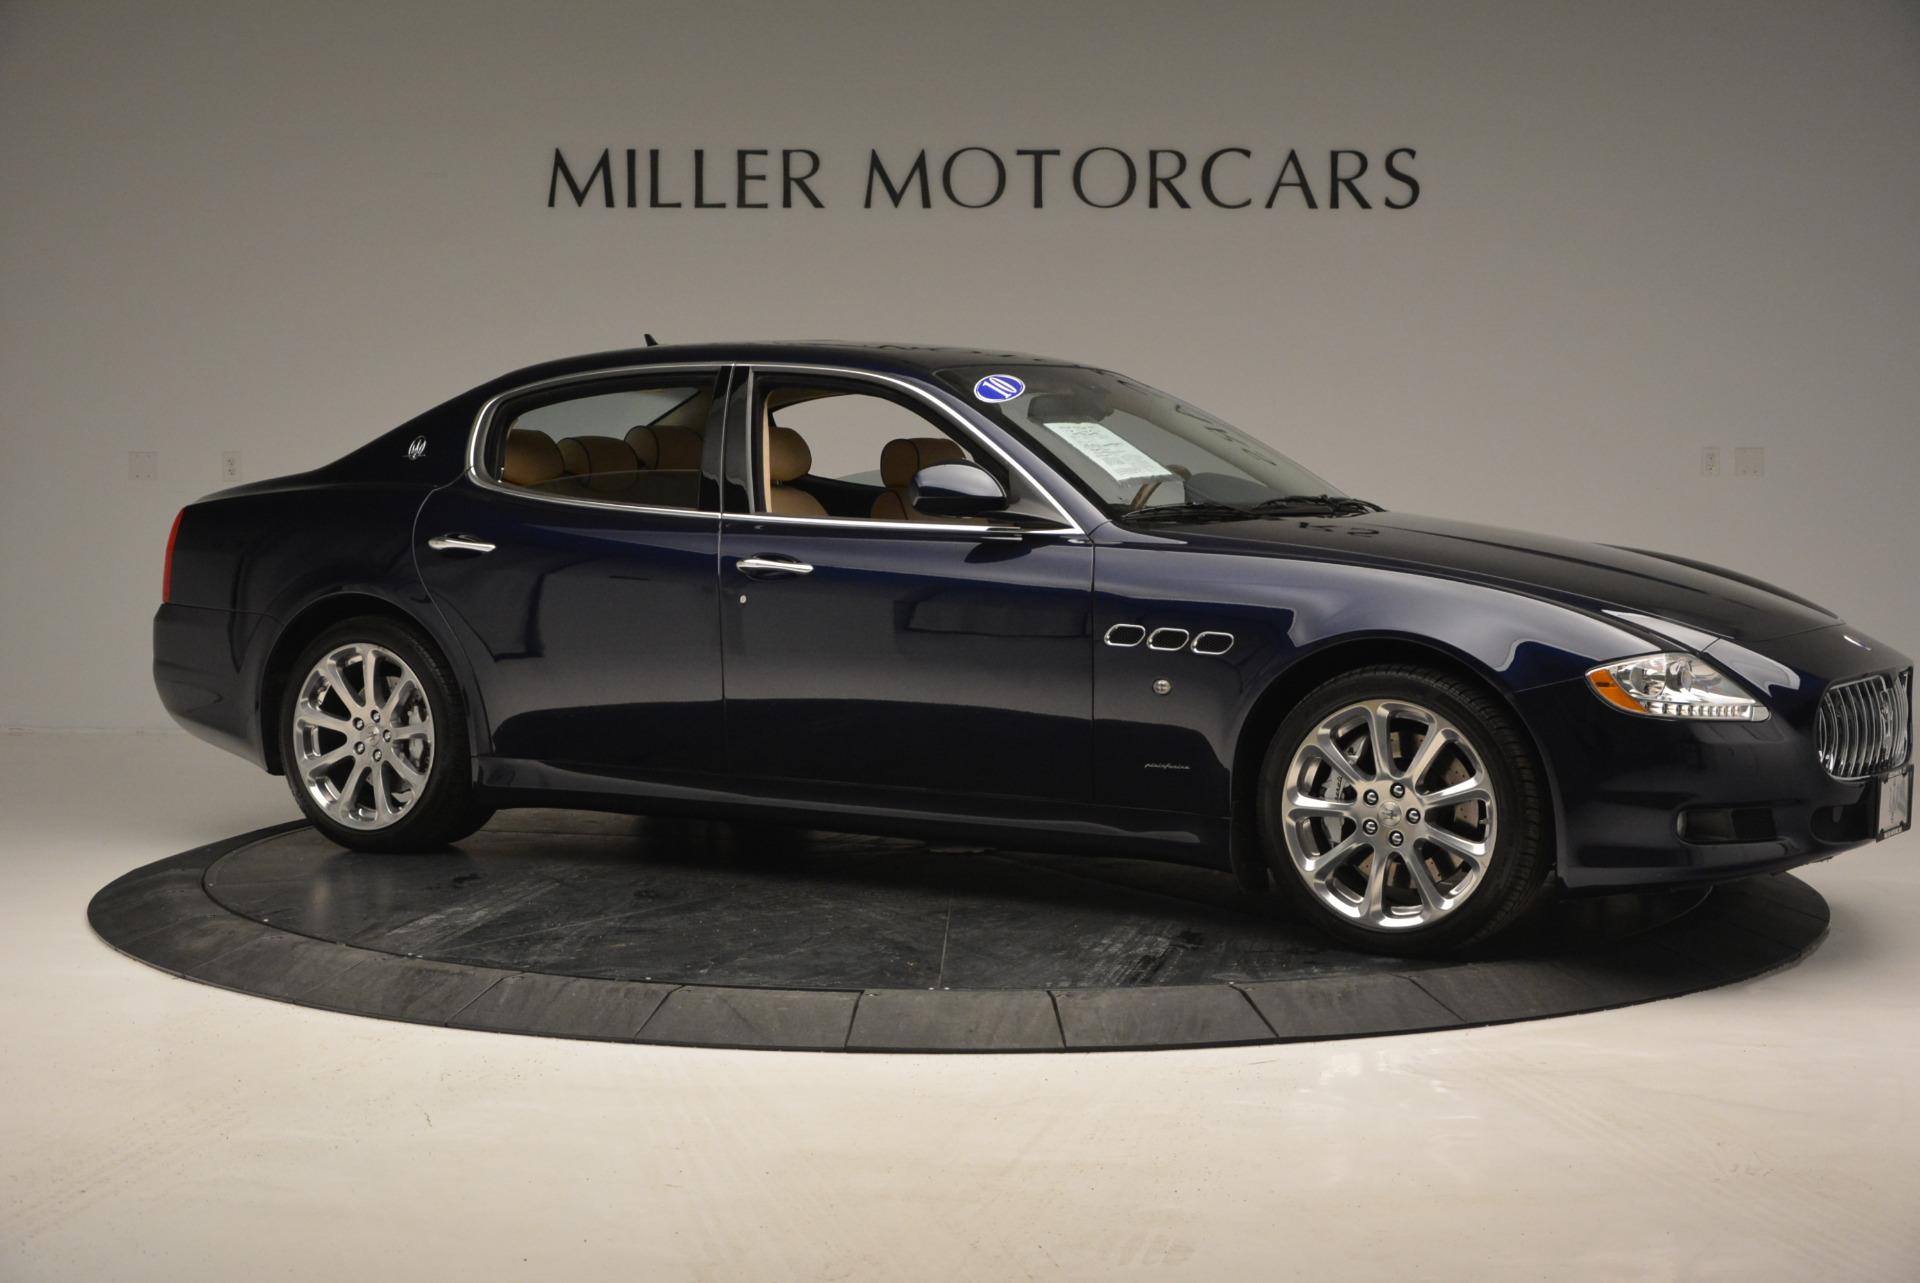 Used 2010 Maserati Quattroporte S For Sale In Greenwich, CT. Alfa Romeo of Greenwich, 1267 795_p10